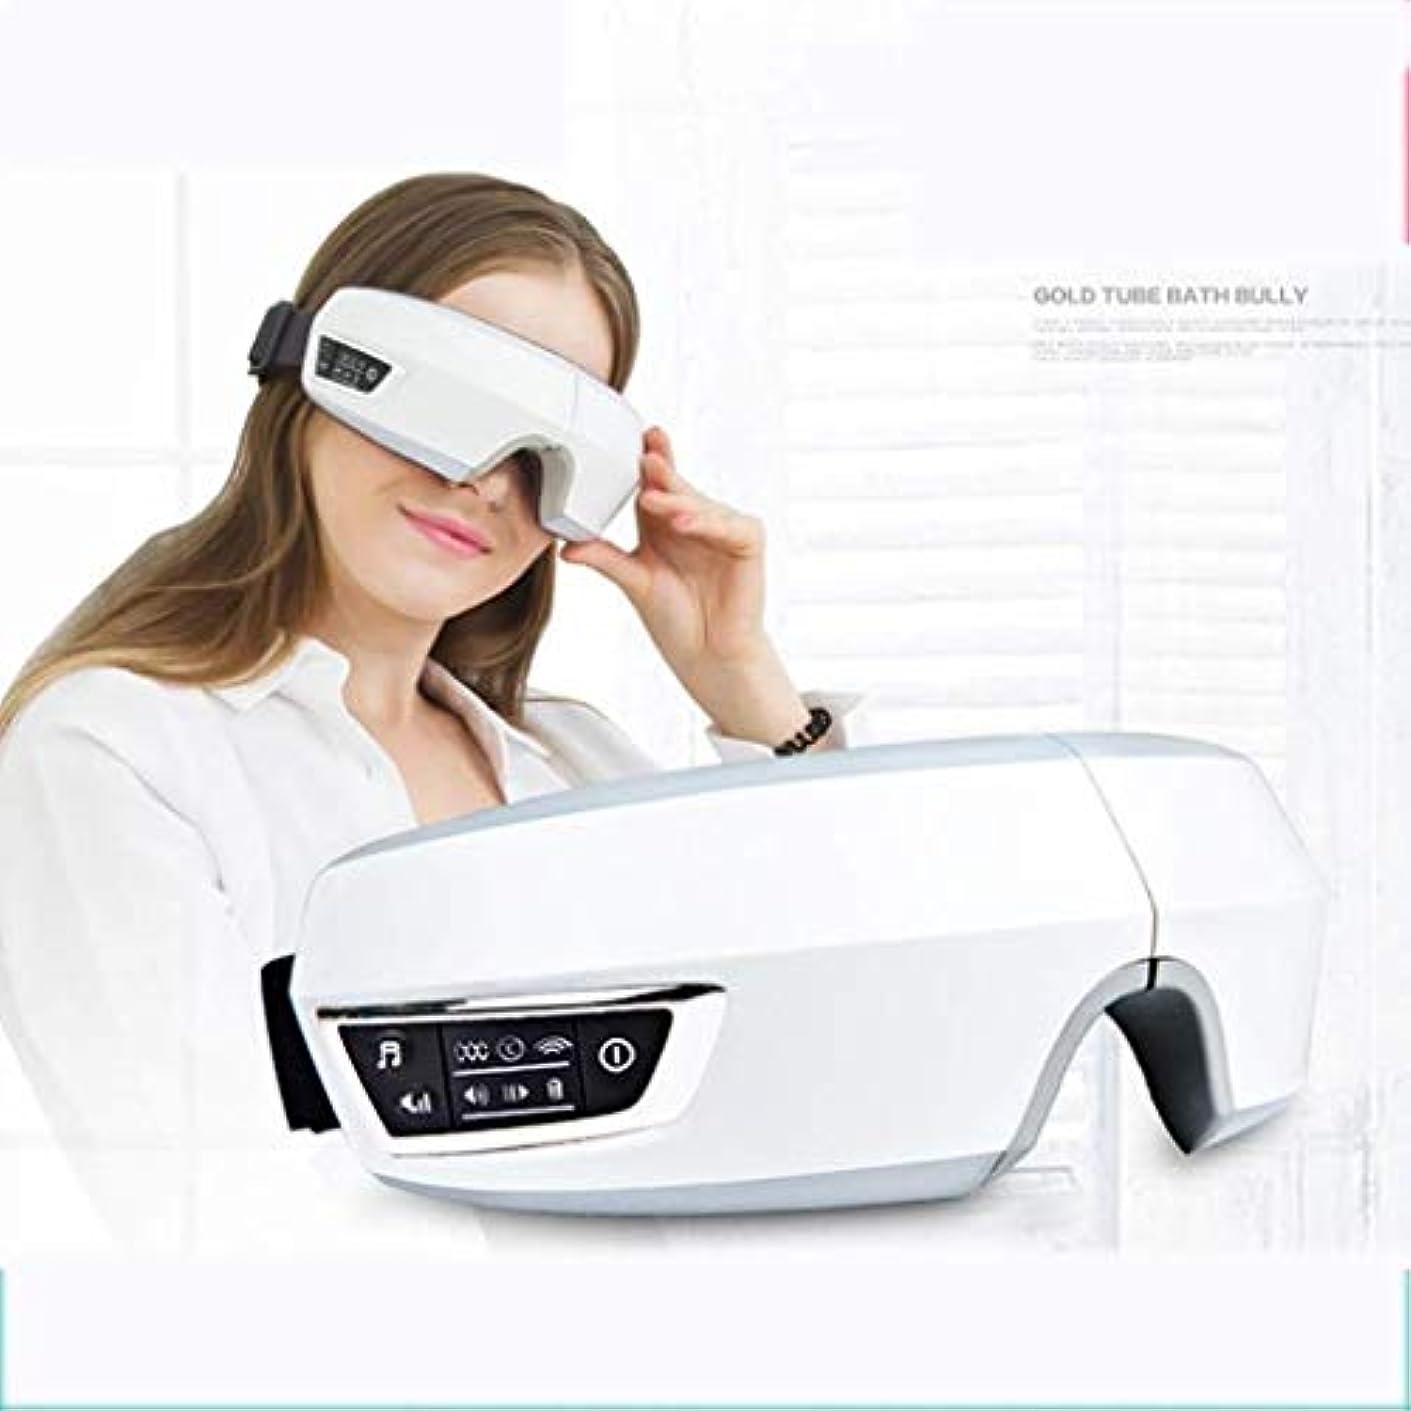 利用可能マオリ使用法USB充電アイマッサージャー、アイケアアイマッサージ器具、ホットコンプレス、ダークアイビューティー器具の改善、視力保護アイピース、疲労軽減